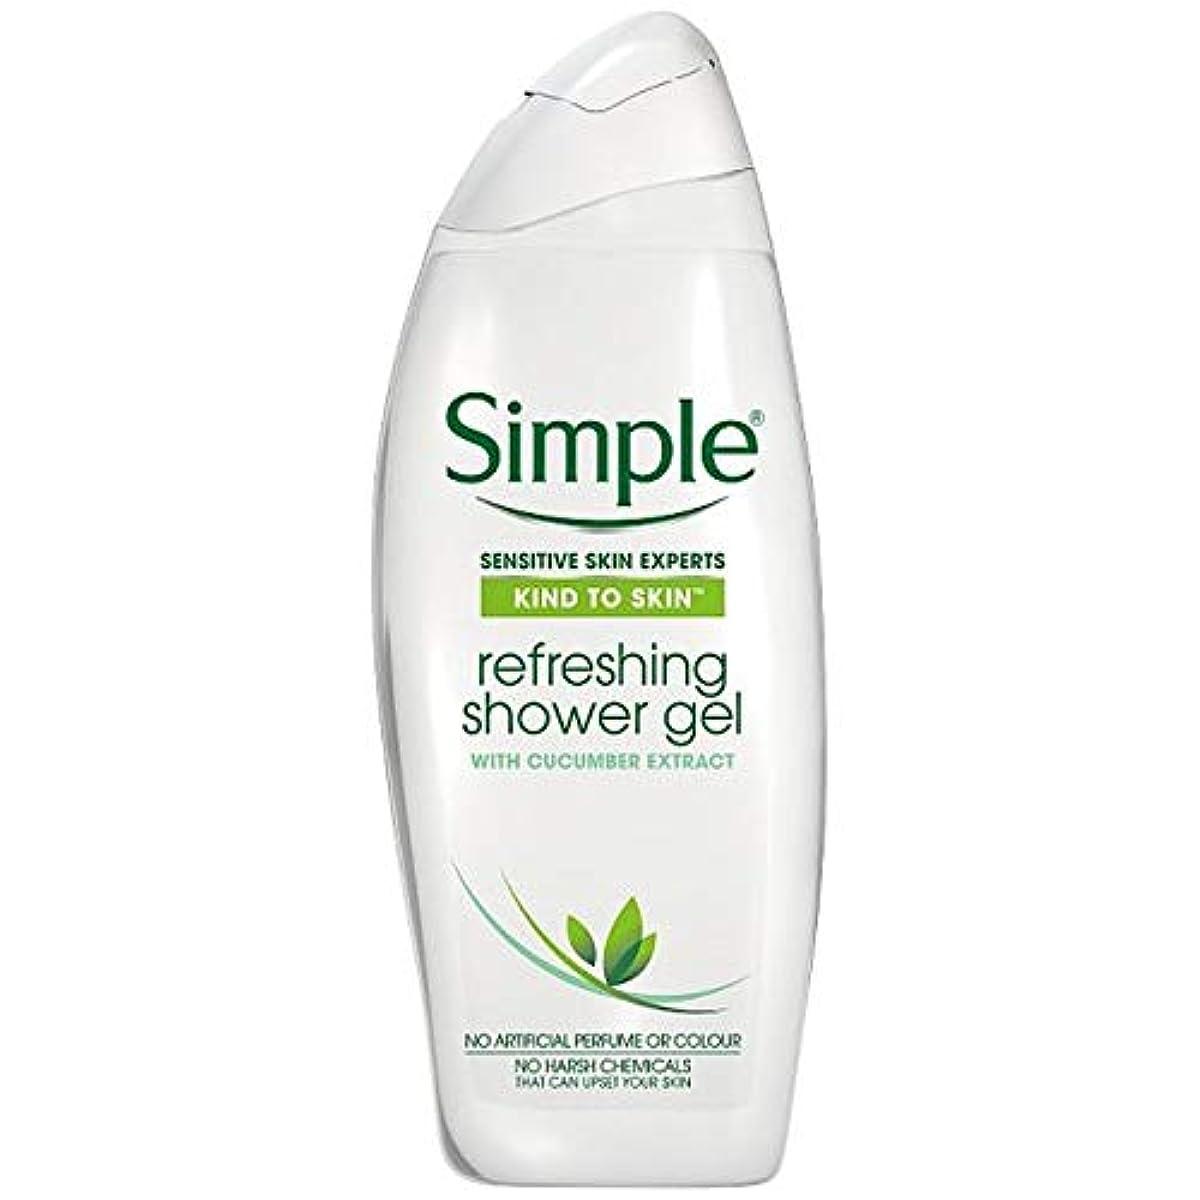 すなわち接尾辞ログ[Simple] 皮膚さわやかなシャワージェル500ミリリットルに、単純な種類 - Simple Kind To Skin Refreshing Shower Gel 500Ml [並行輸入品]